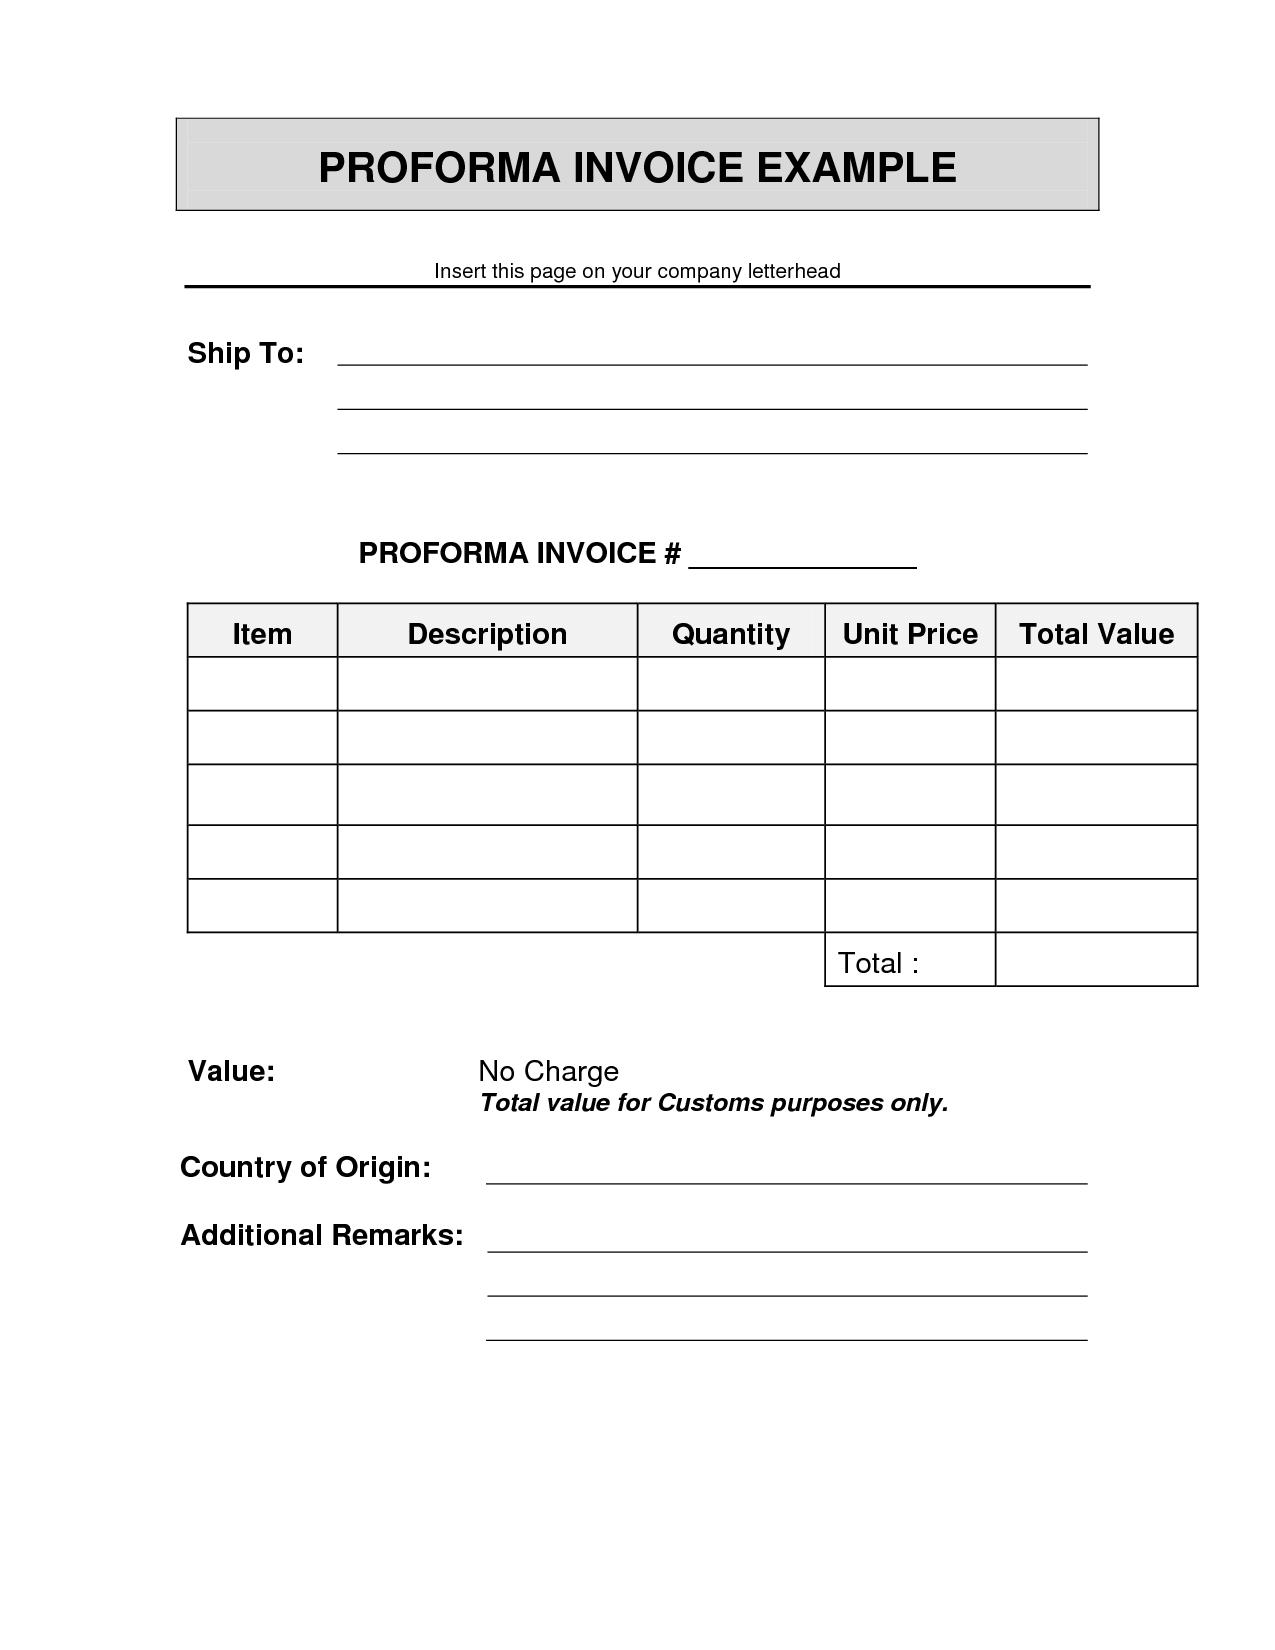 proforma invoice format commercial ups pr mdxar sample proforma invoice doc